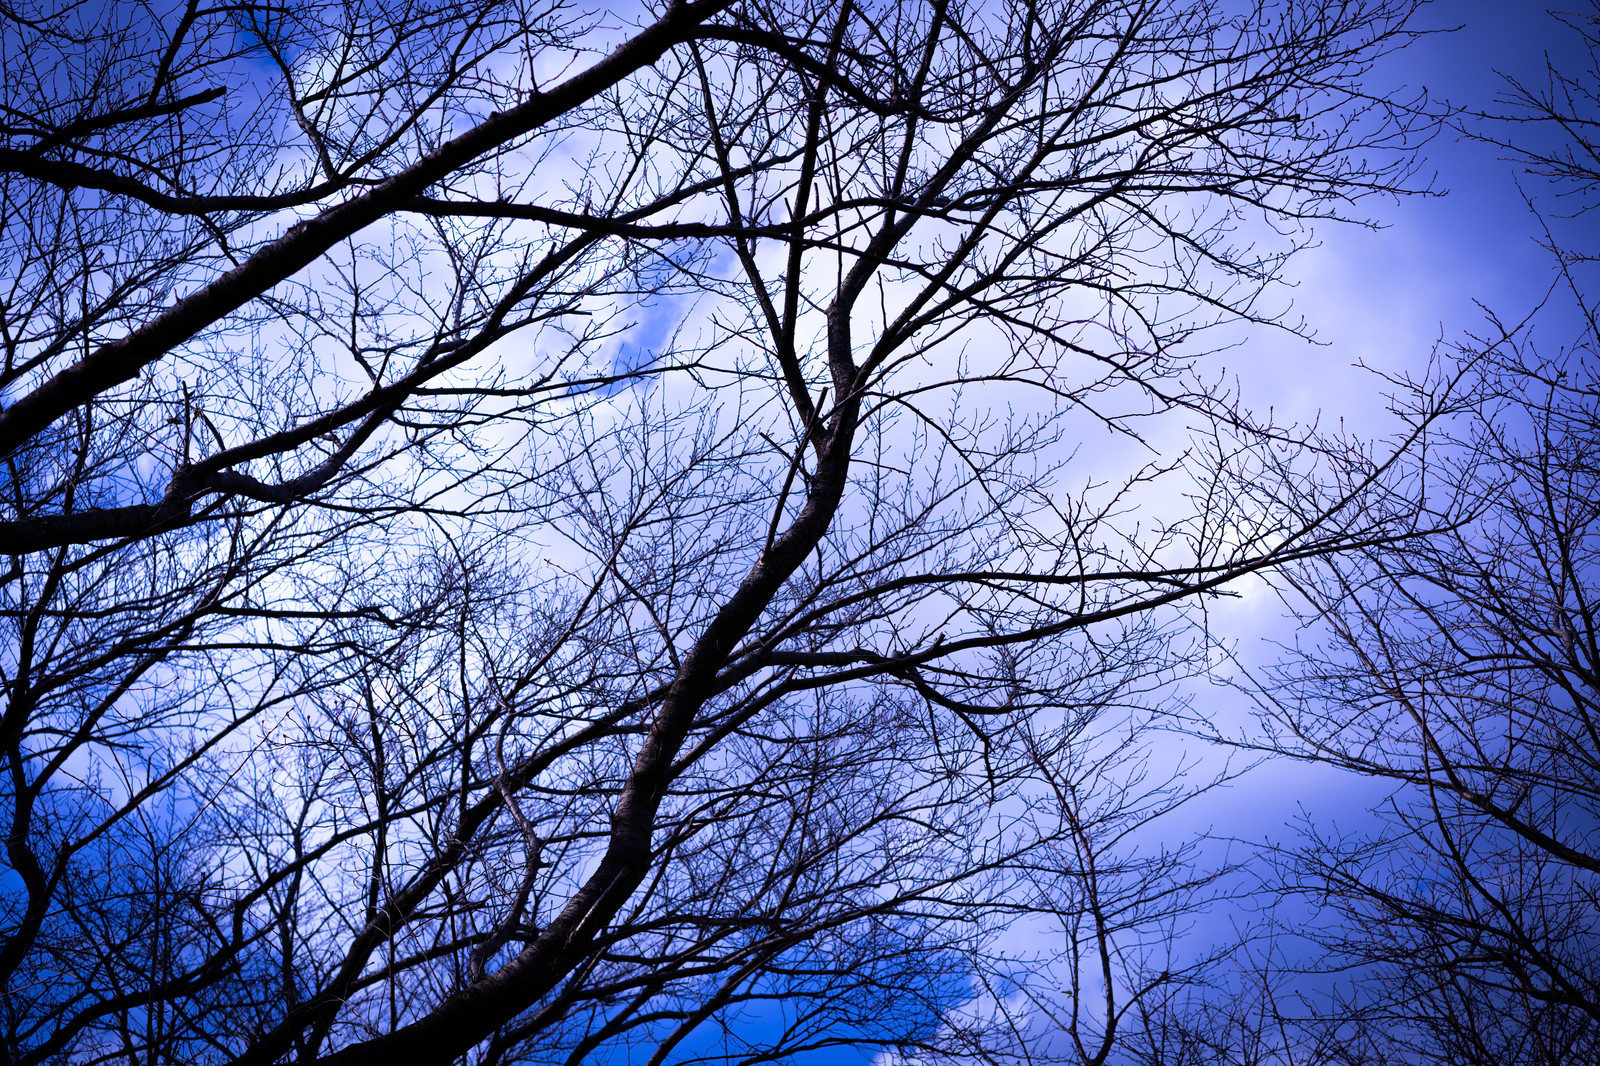 「木々の枝と白い雲」の写真